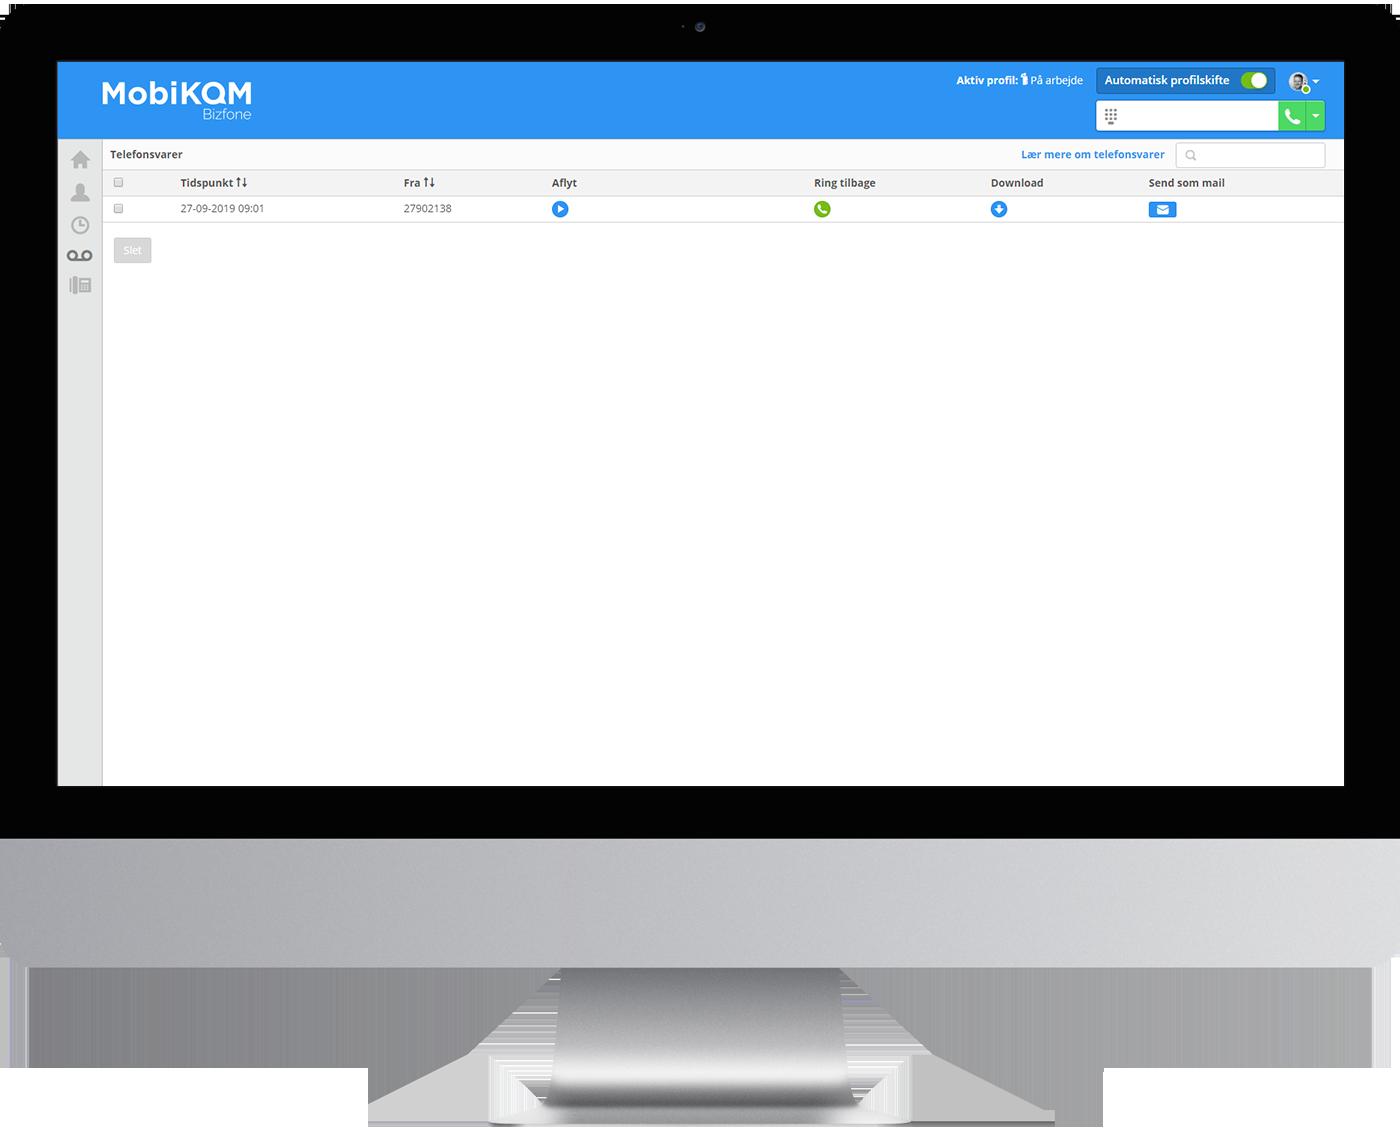 MobiKOM – Bizfone telefoniløsning – Telefonsvarbeskeder